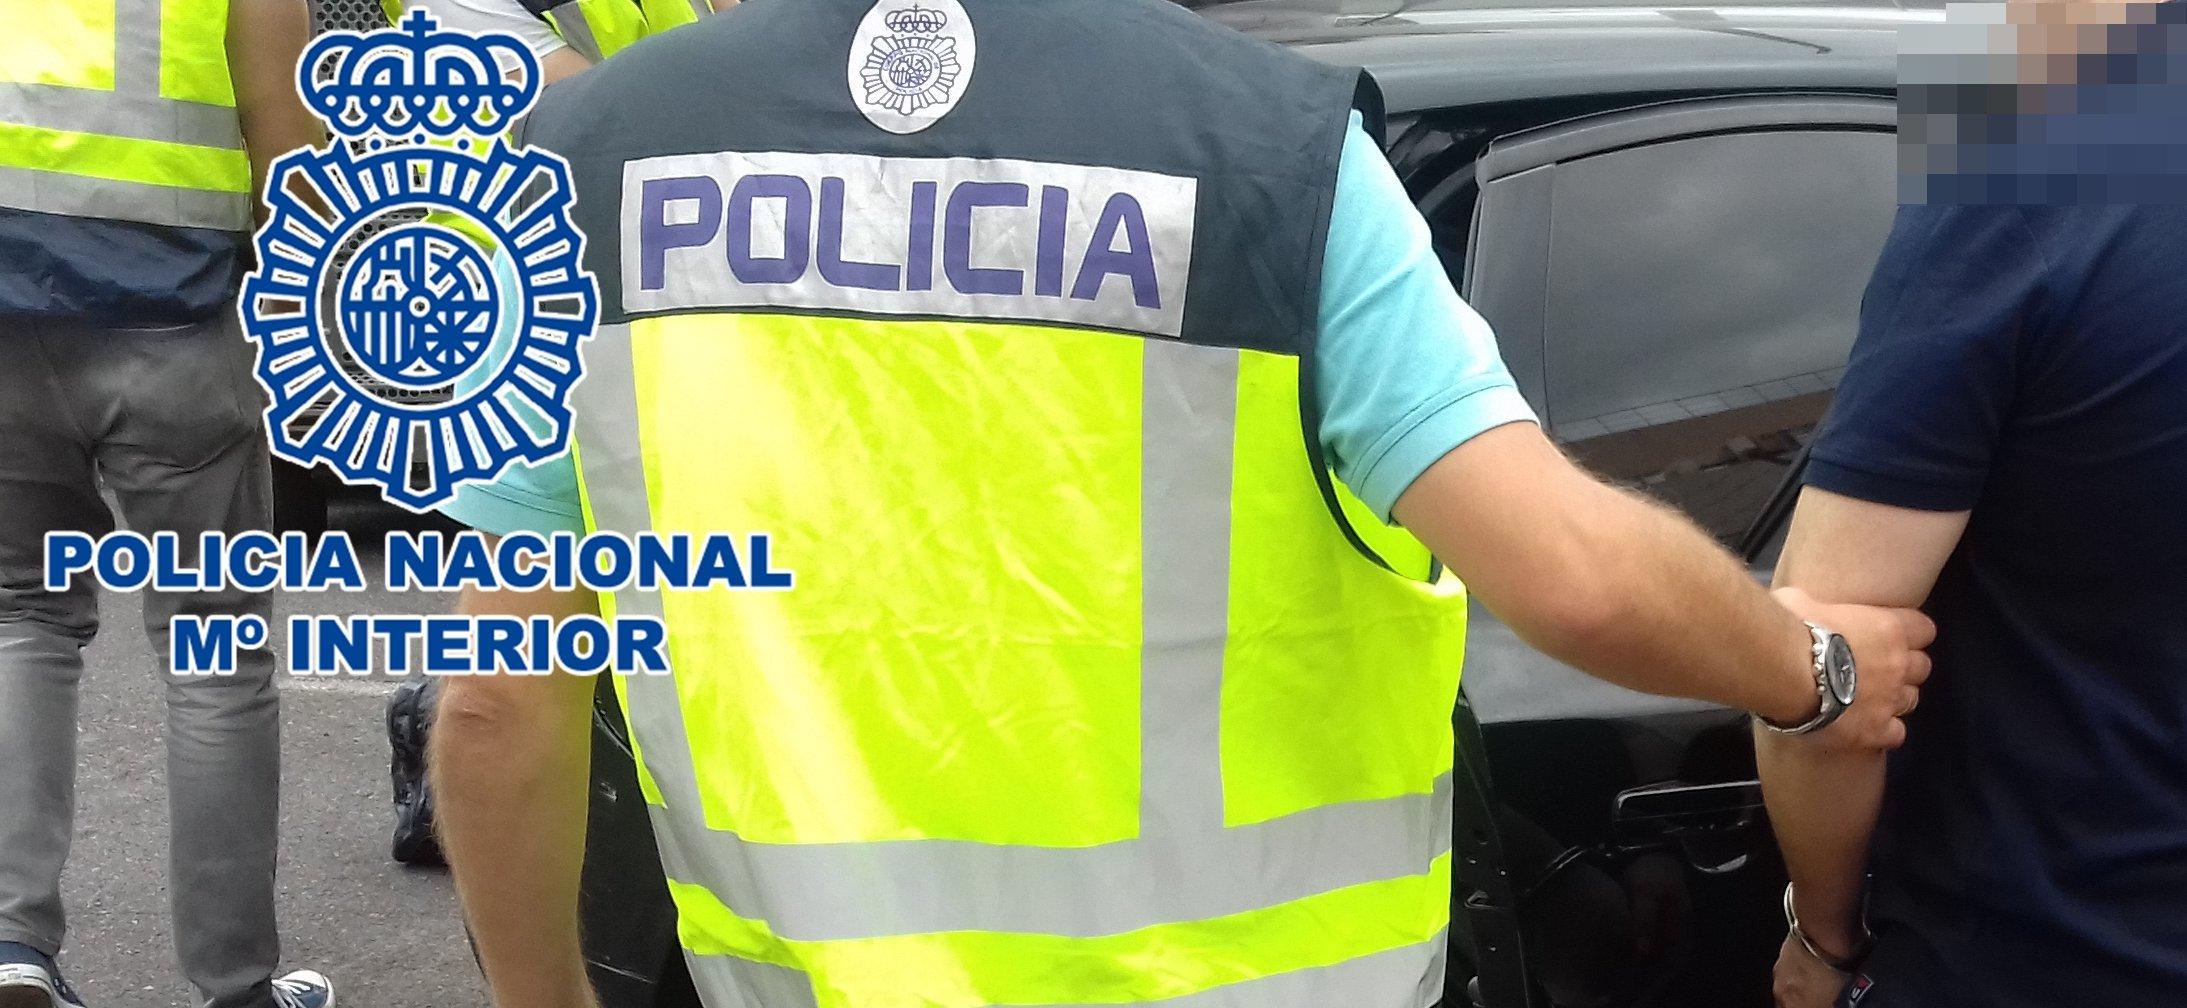 La policia nacional realiza una detención